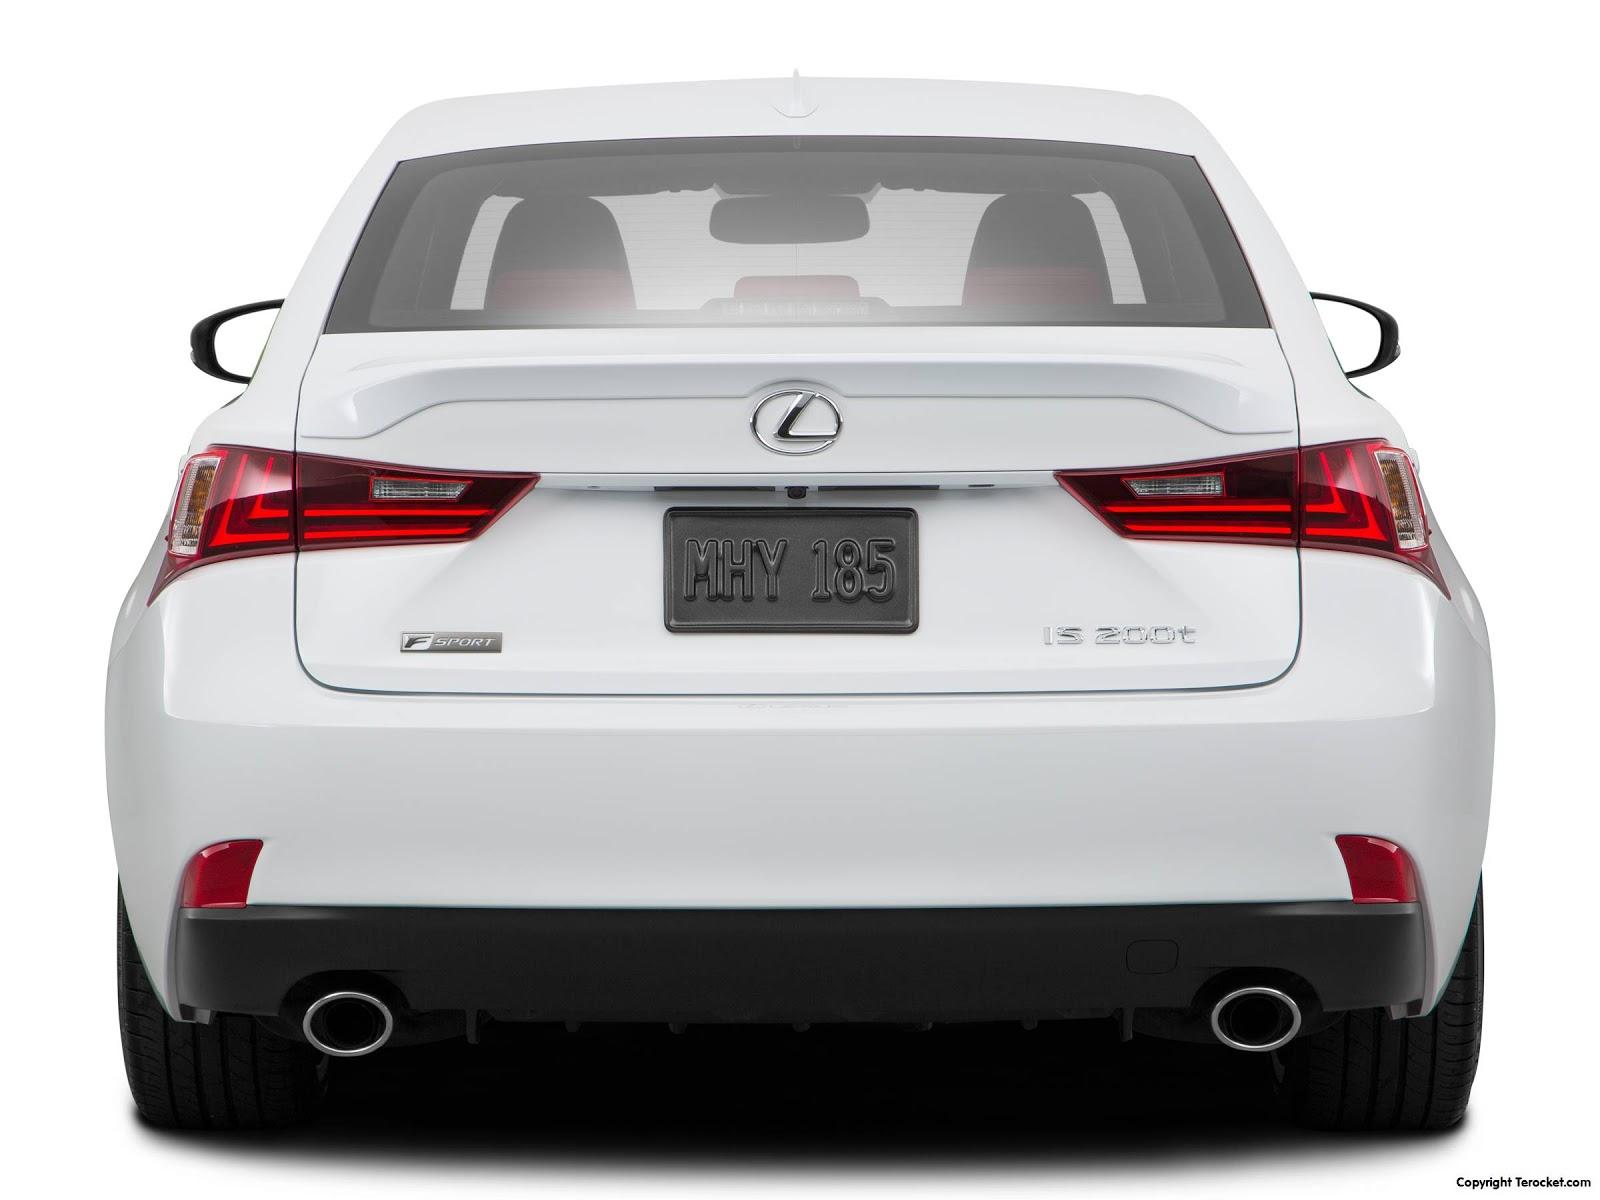 Mặt sau của Lexus IS200t 2016 chắc chắn, nhưng ống xả khá thô so với các dòng xe khác của Lexus